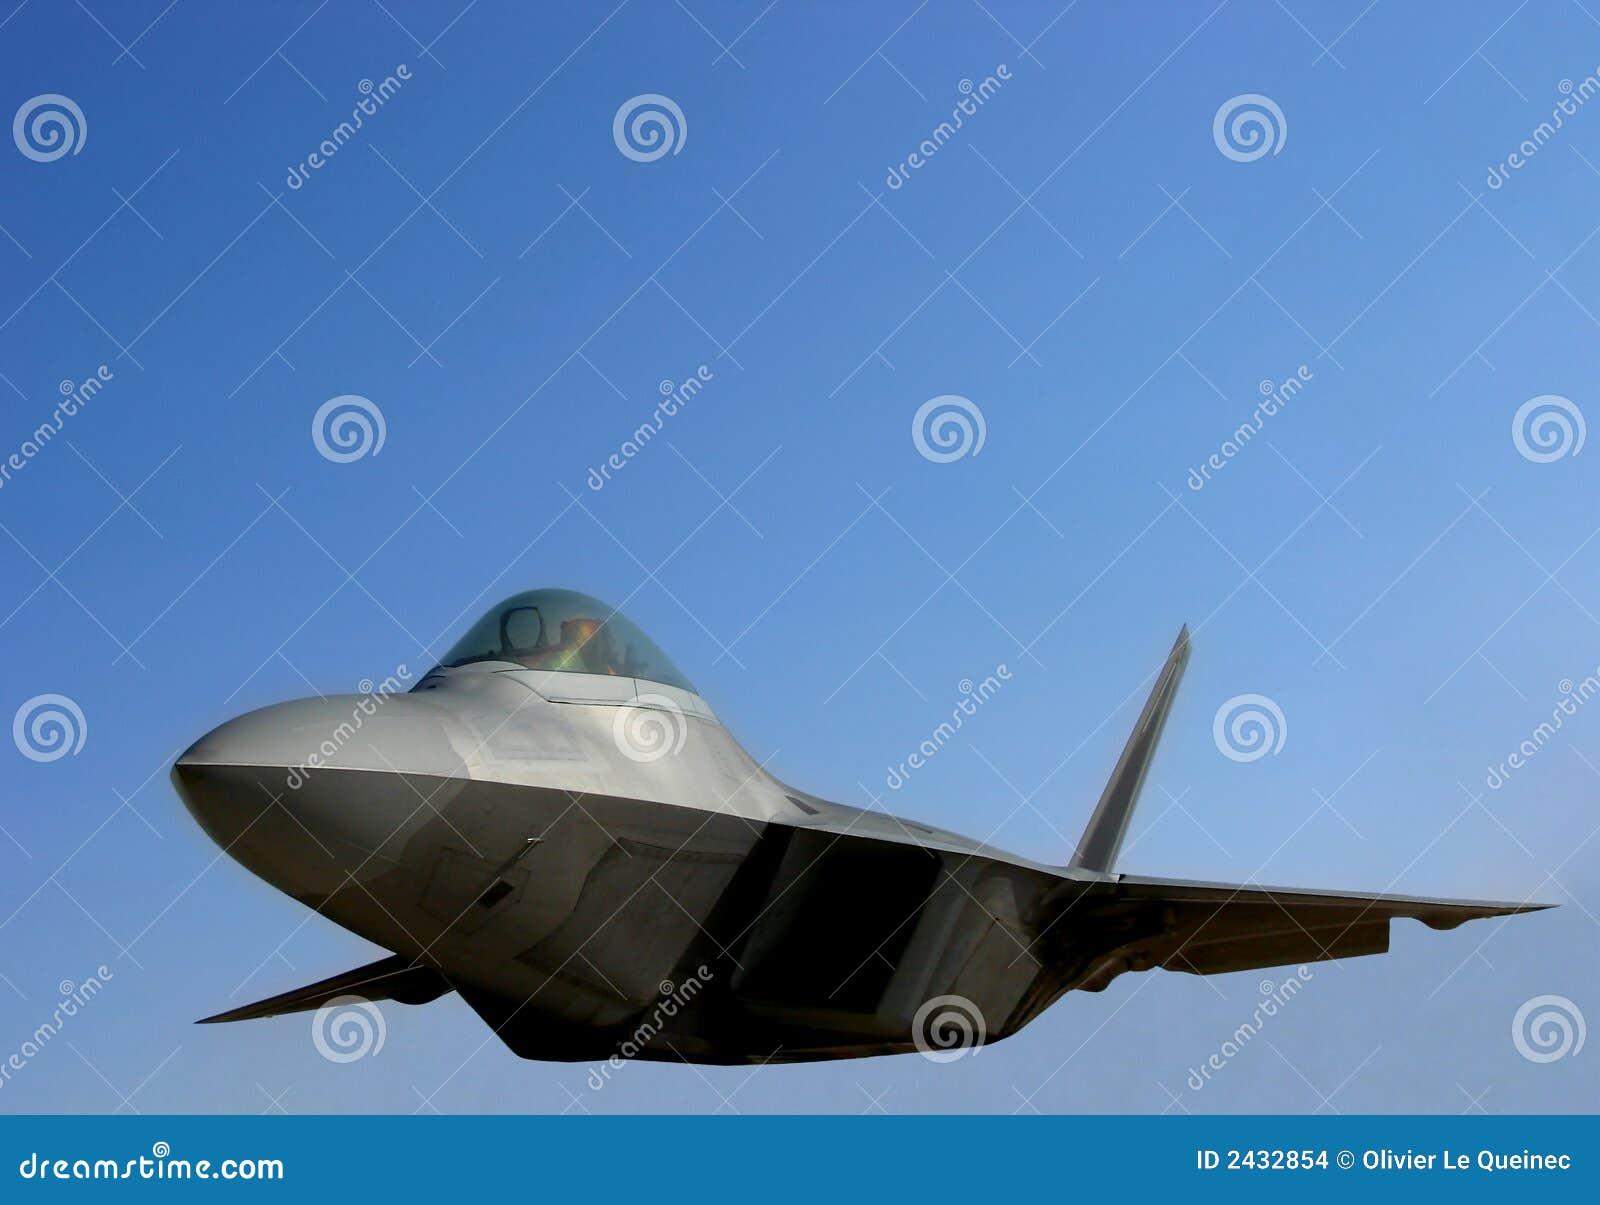 Plano da força aérea da ave de rapina F22